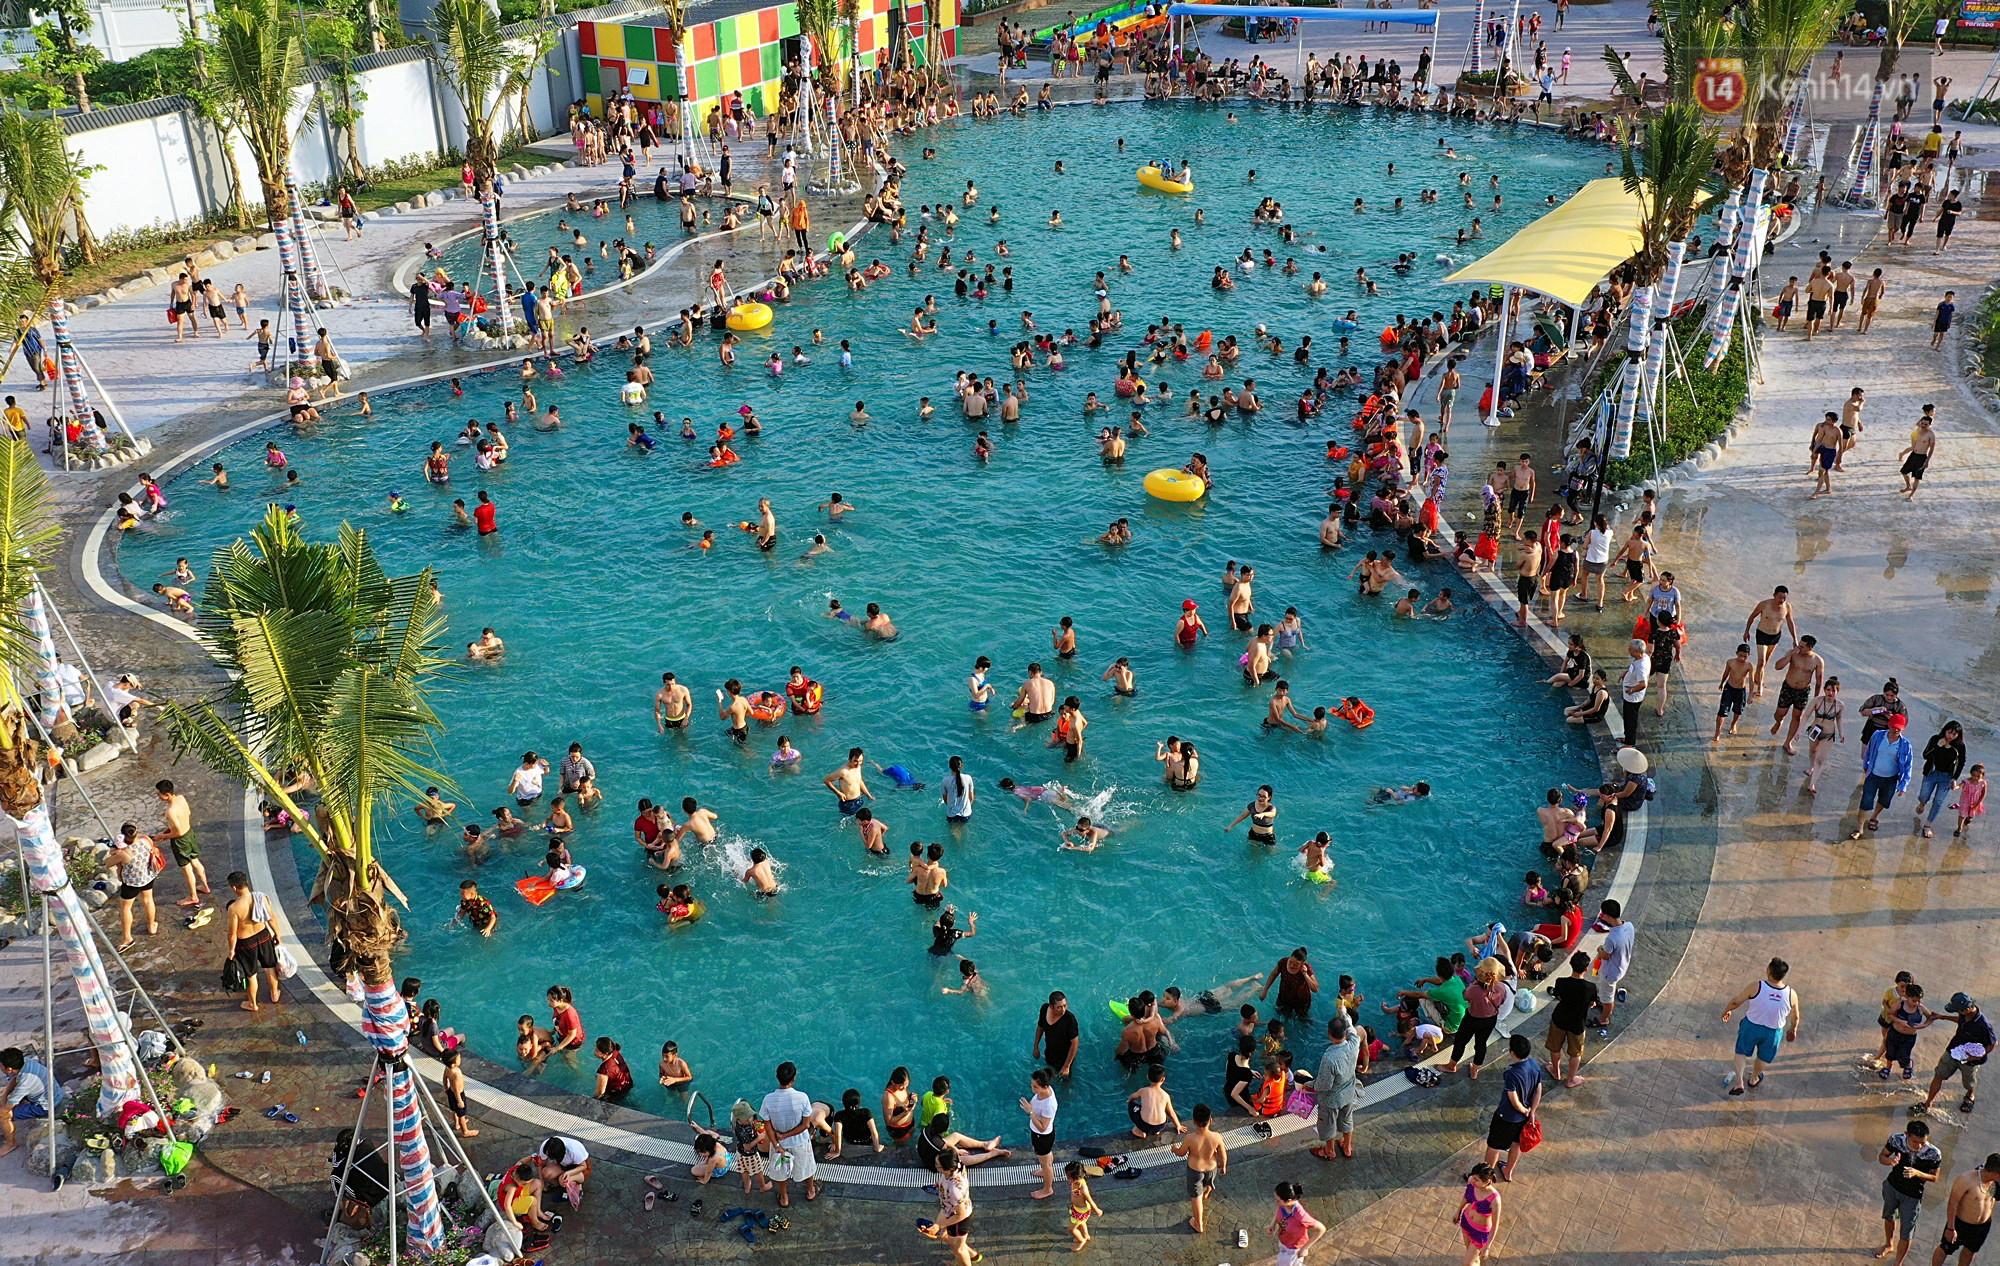 Lượng khách đổ về công viên nước hiện đại nhất Thủ đô tăng đột biến vào buổi chiều ngày khai trương - Ảnh 16.